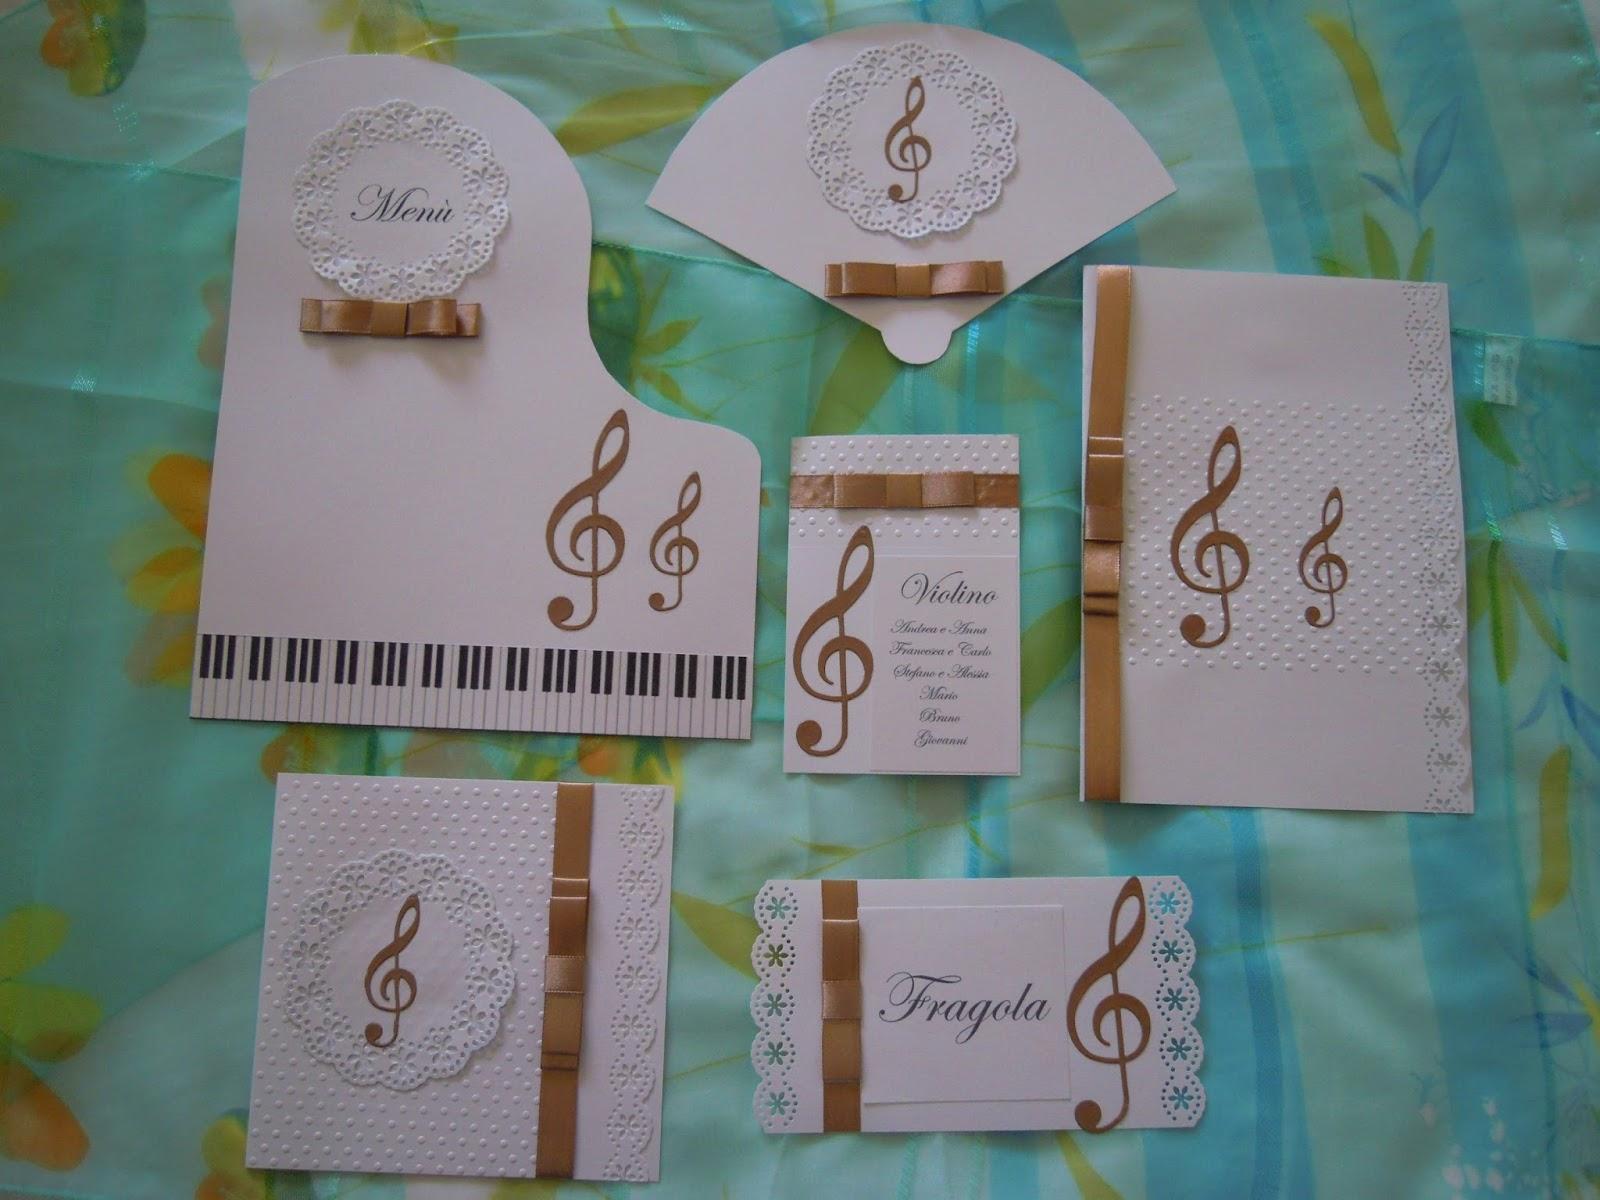 Famoso Partecipazioni Sognicreativi Wedding and Events: Nuova collezione  OH47